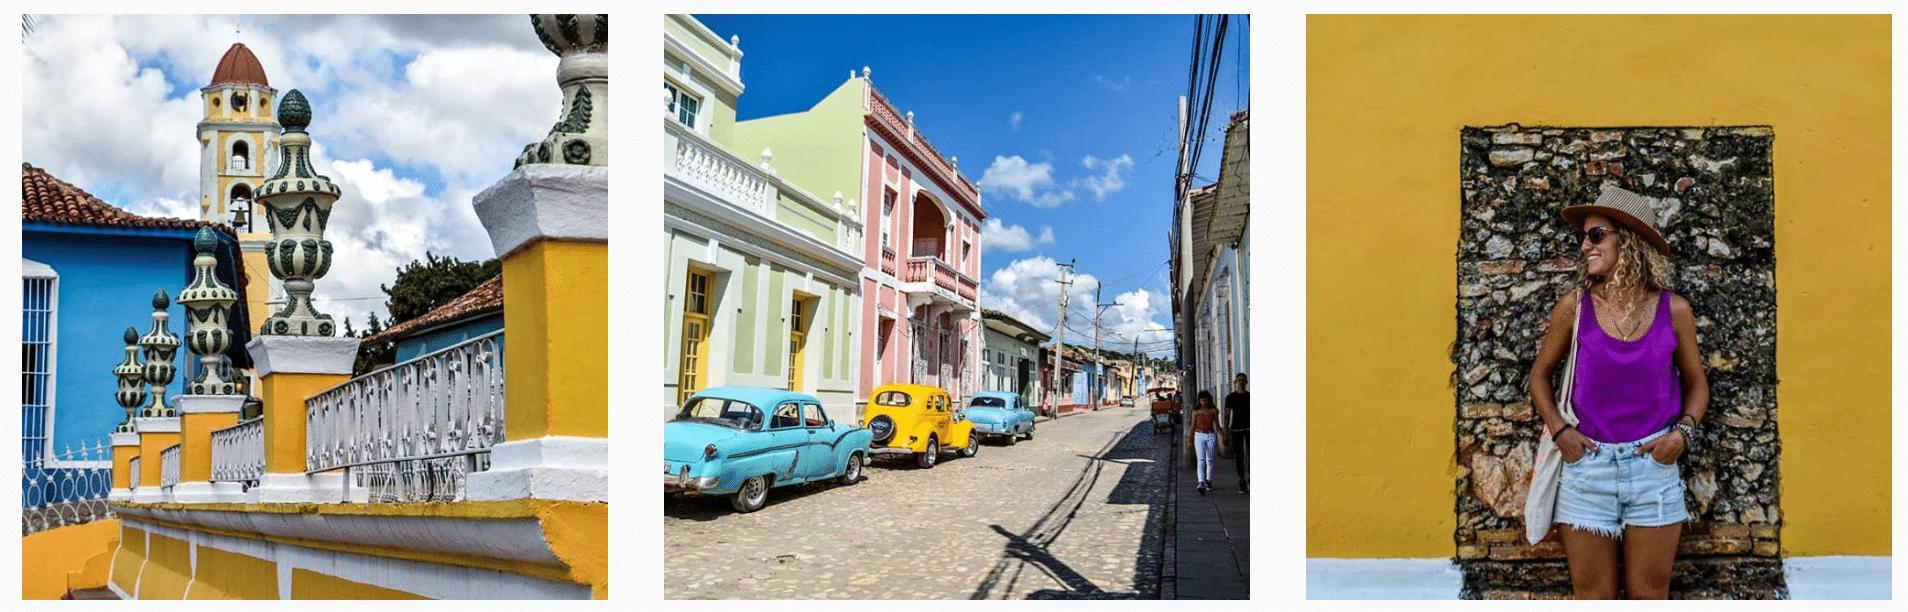 Trois paysages de carte postale pris à Cuba